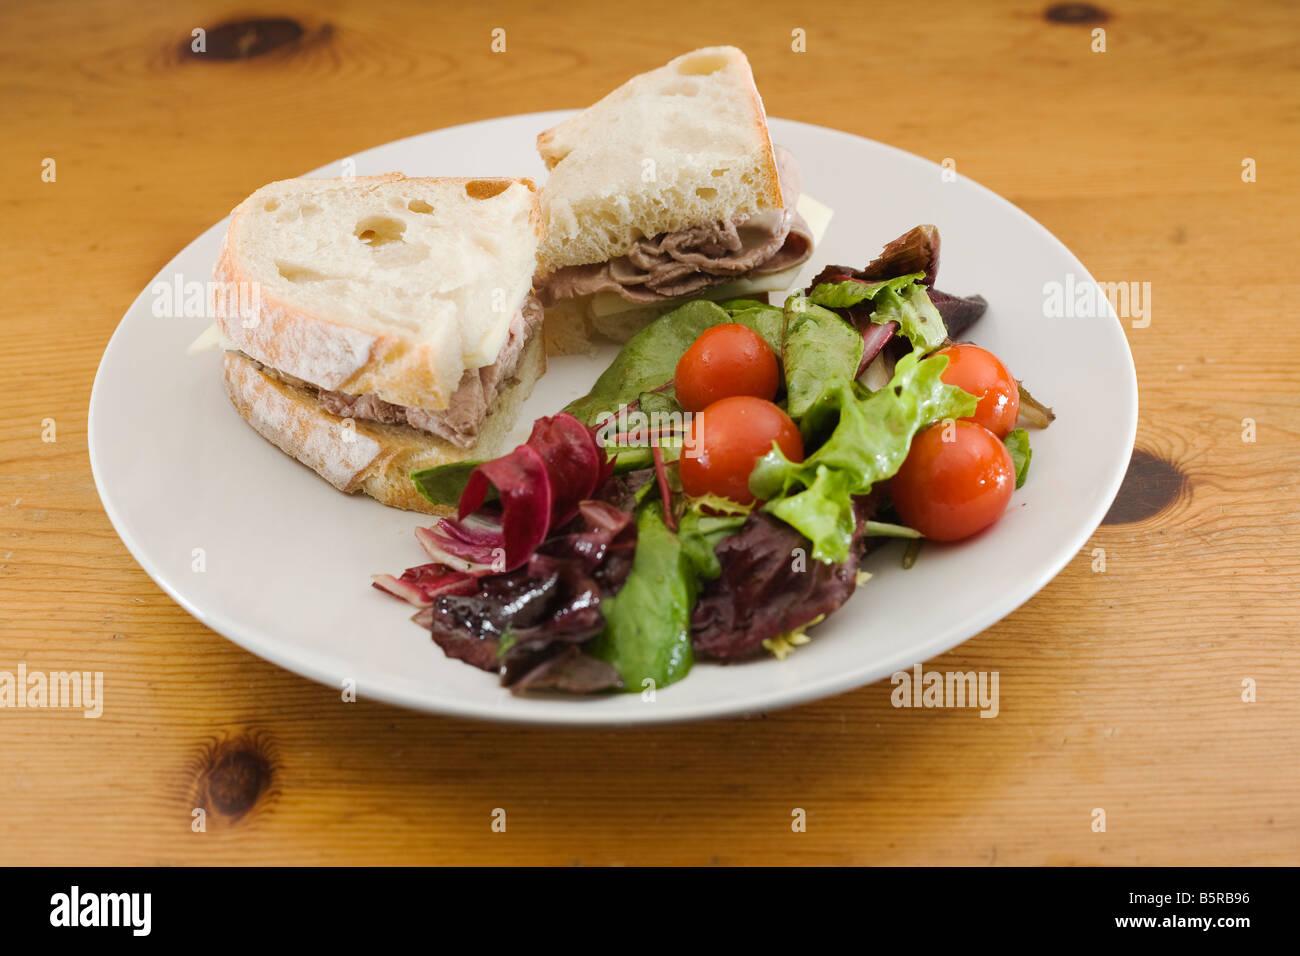 Sandwich gourmand et salade Photo Stock